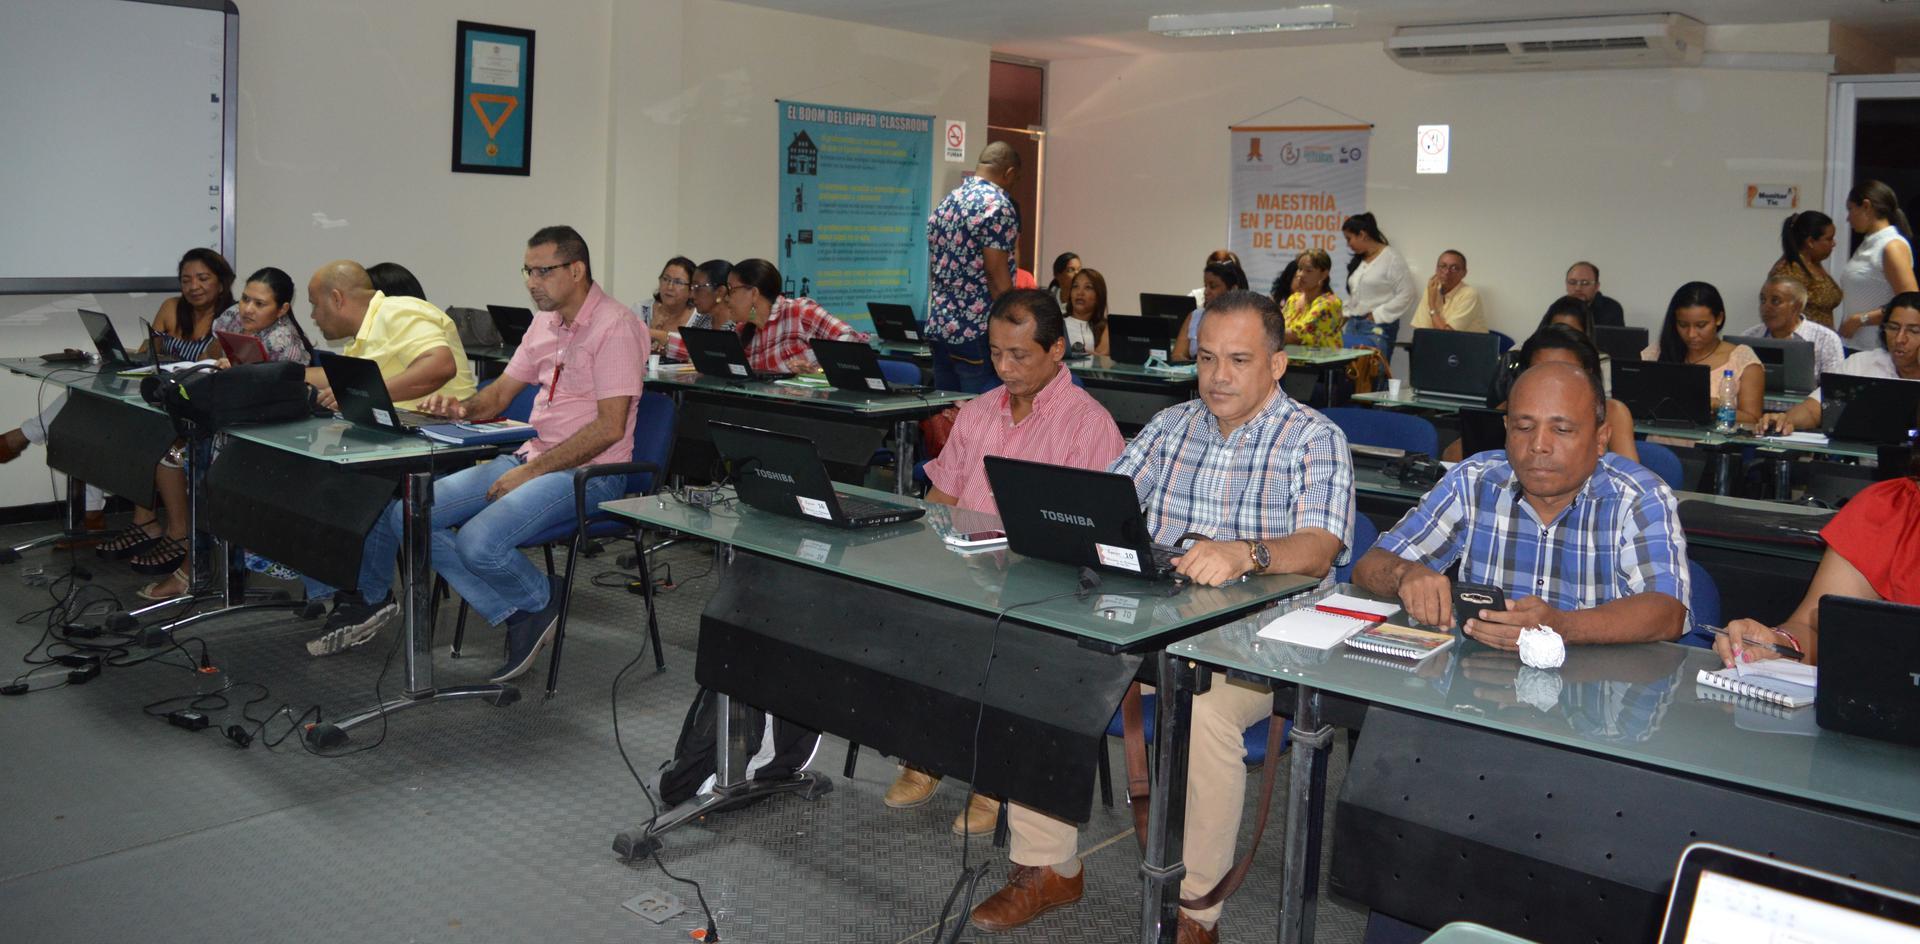 """hoyennoticia.com, Uniguajira Construye: """"Hay que reducir la brecha digital"""""""